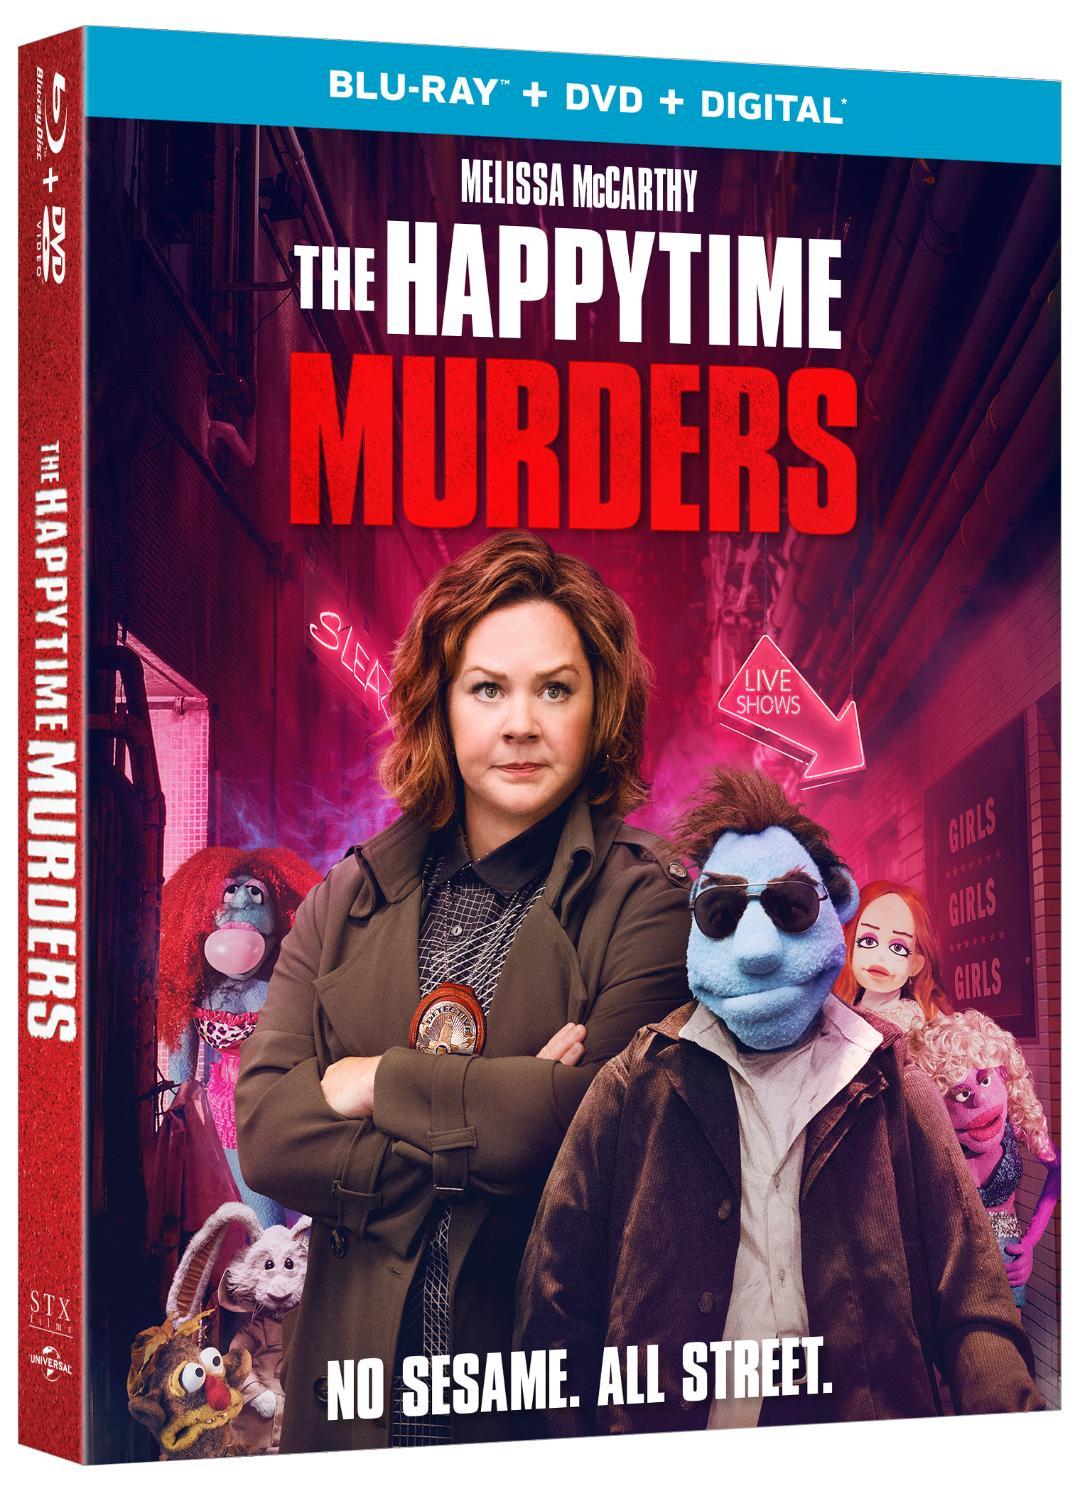 The Happytime Murders Blu-ray